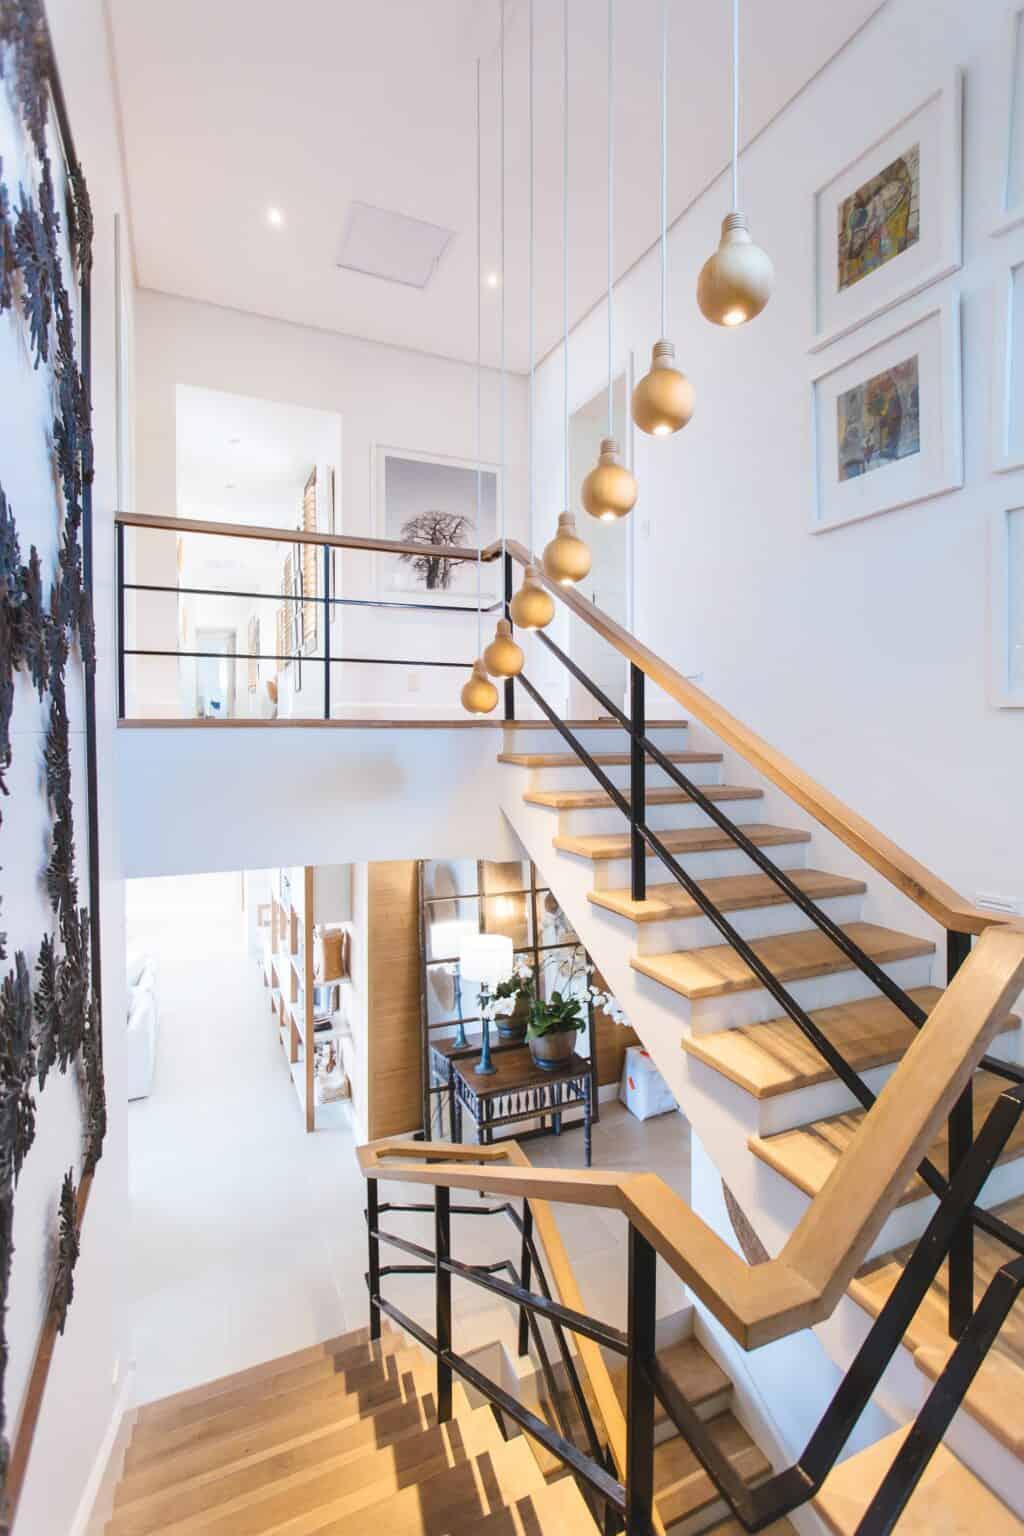 wąski korytarz w domu